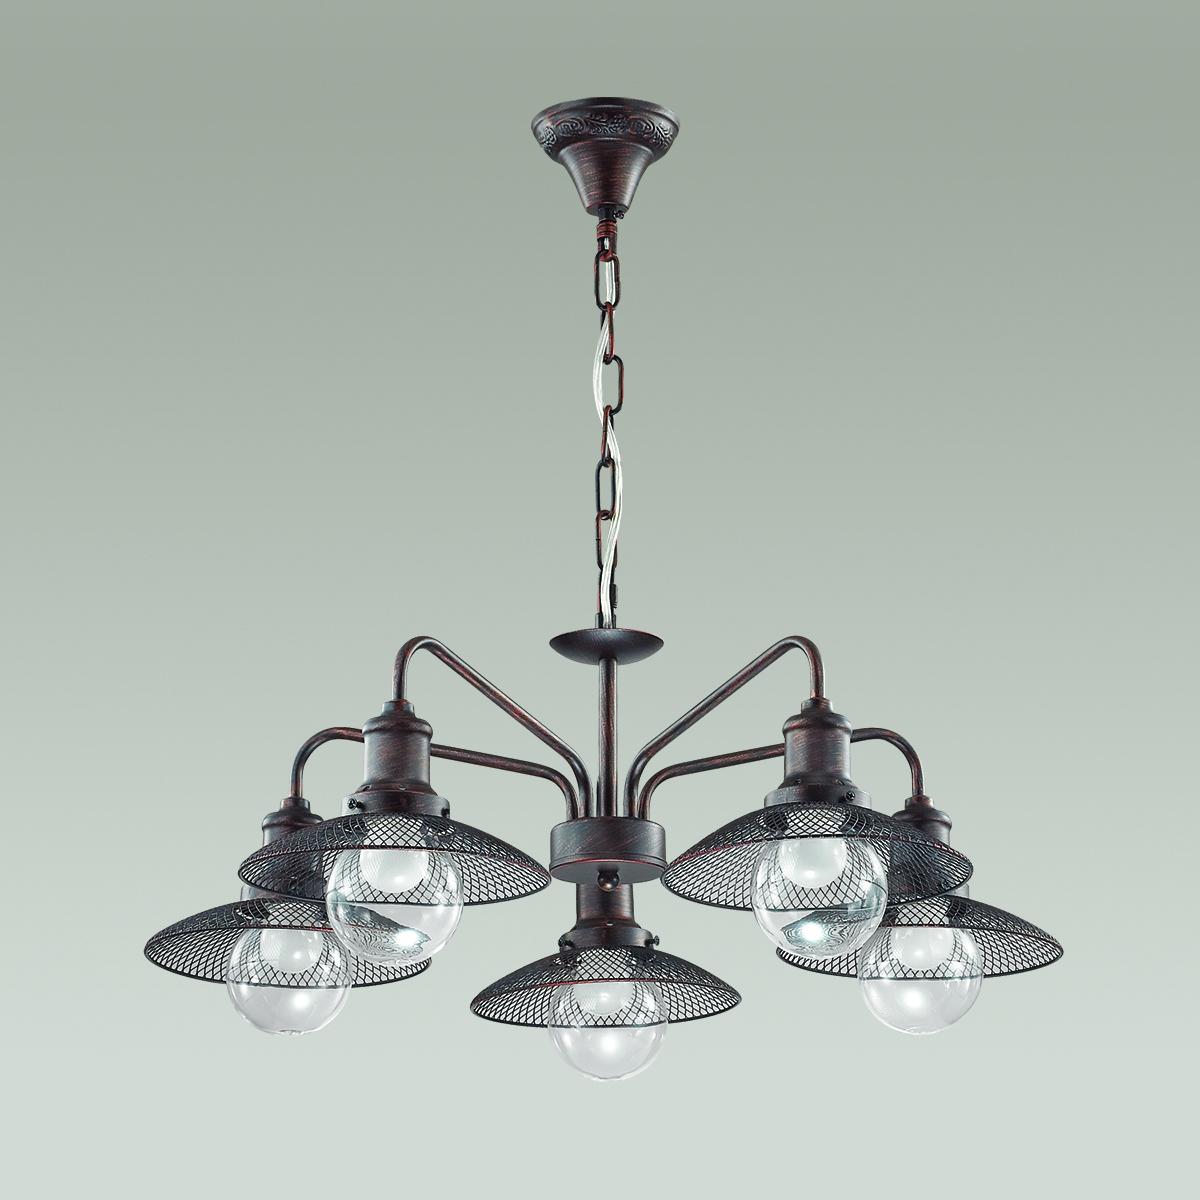 Подвесная люстра Lumion Ludacris 3513/5, 5xE27x60W, коричневый, прозрачный, металл, стекло - фото 4